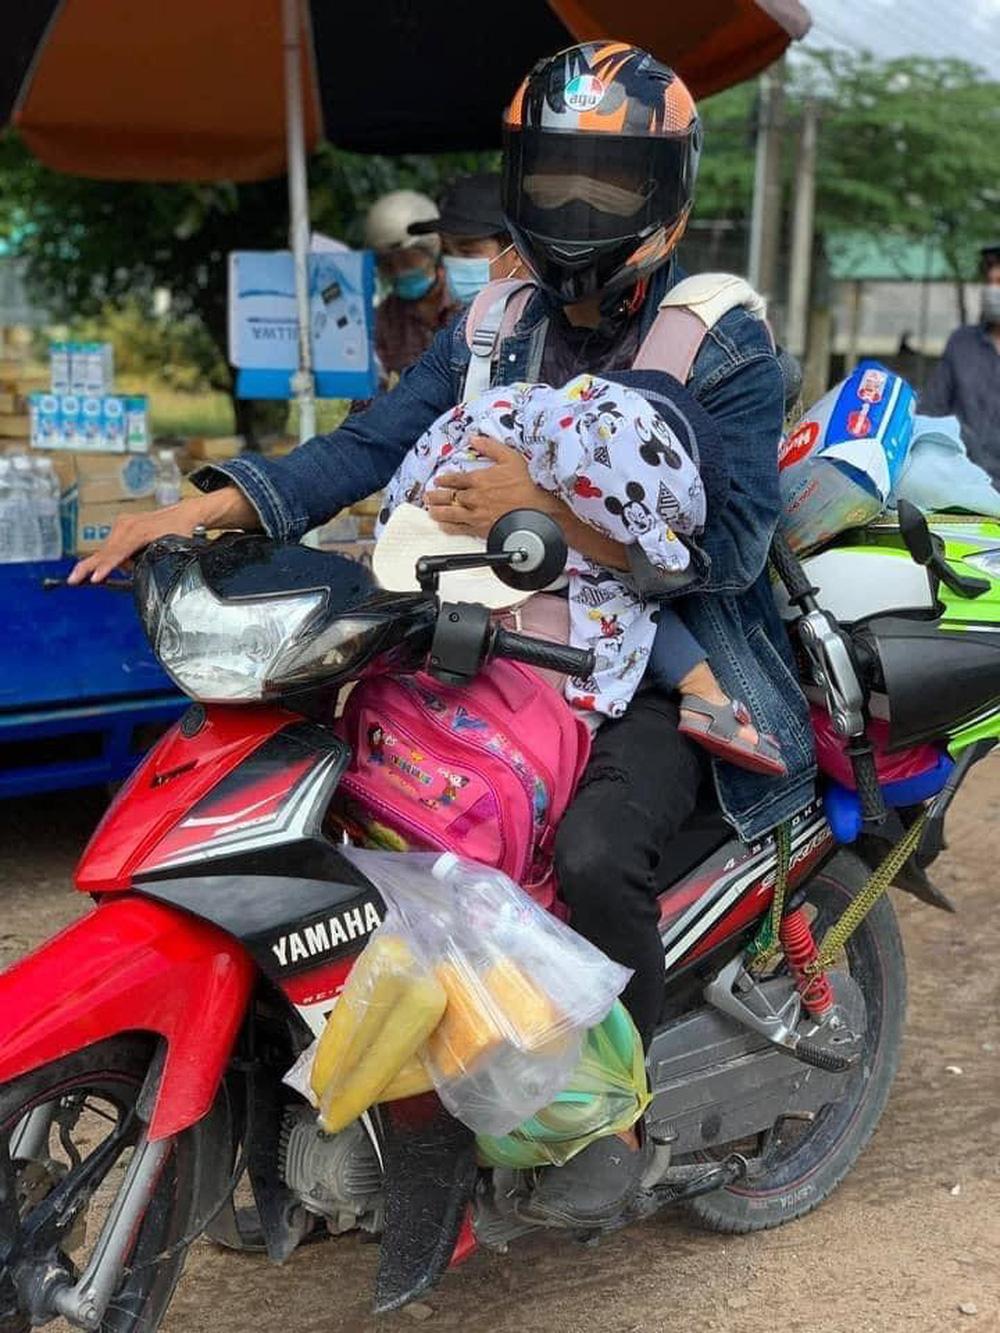 'Gà trống' địu con, một tay cầm lái một tay ôm bé vượt 1.300 km về quê: 'Đứa bé thiếu hơi mẹ nên cứ khóc ngặt suốt' 2